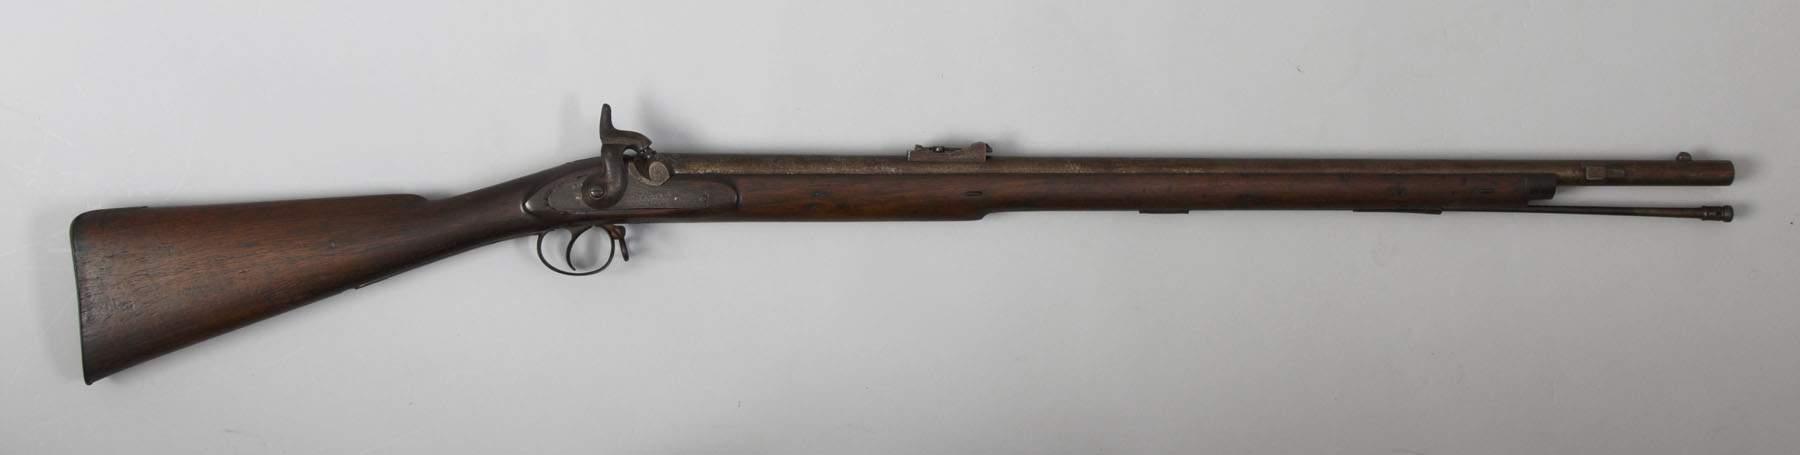 Rifle Gun Civil War Civil War Period Enfield Rifle